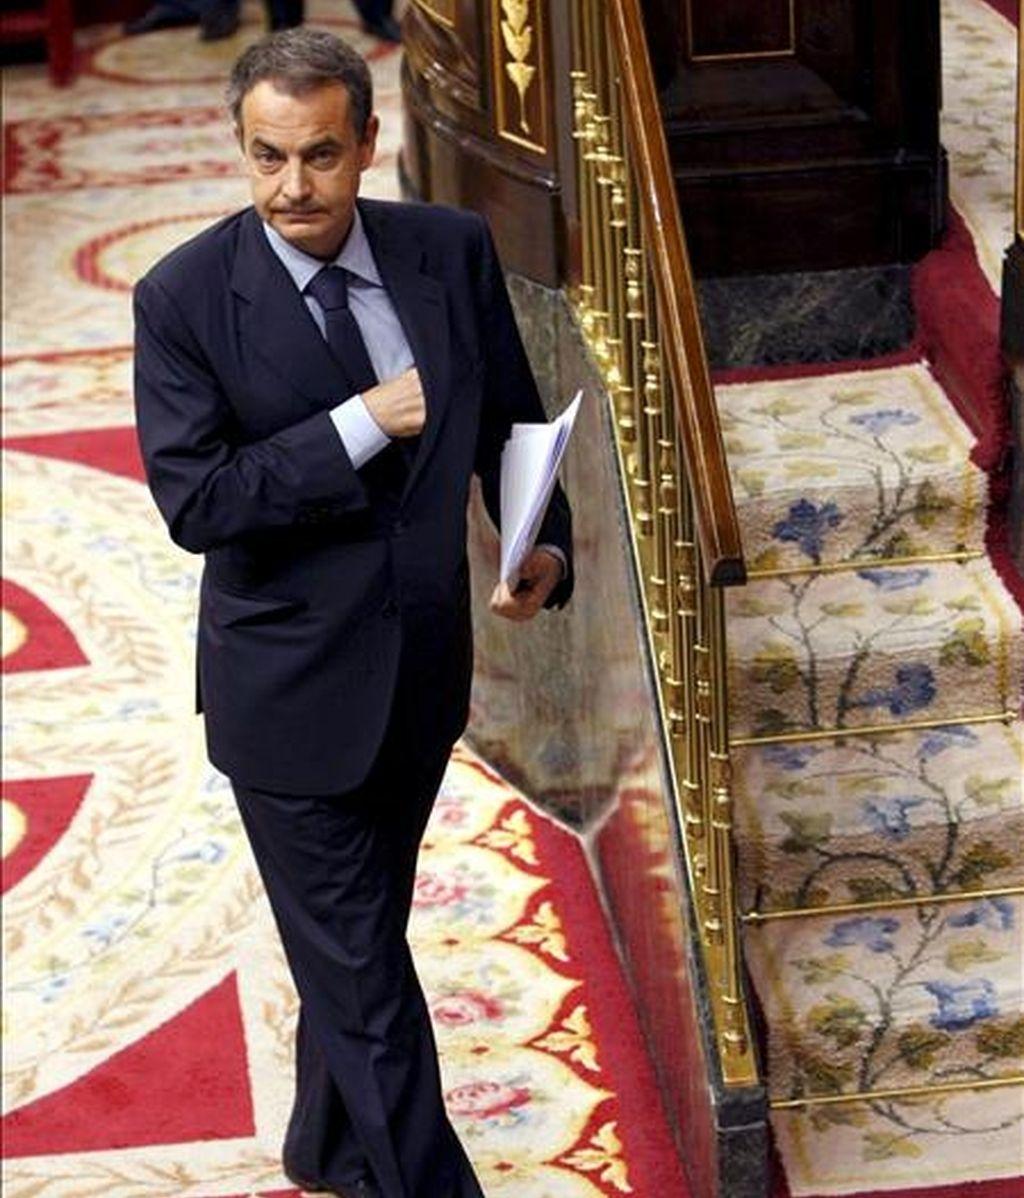 El presidente del Gobierno, José Luis Rodríguez Zapatero, se dirige a la tribuna, durante la sesión de control al Ejecutivo del pleno del Congreso de los Diputados. EFE